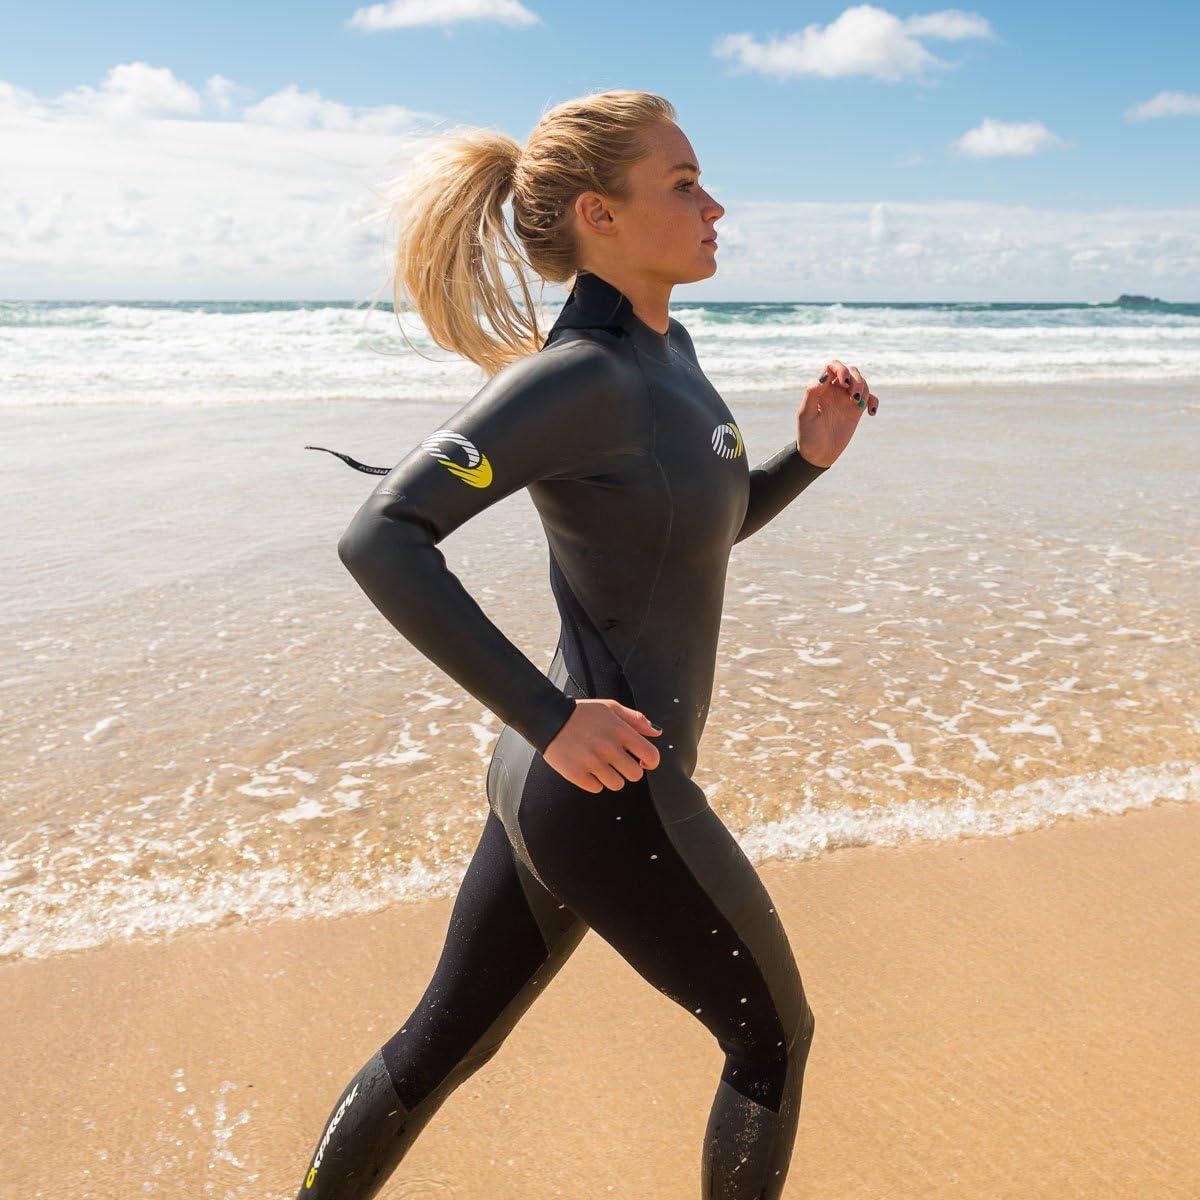 Osprey Womens Neoprene Full Length Triathlon Wetsuit